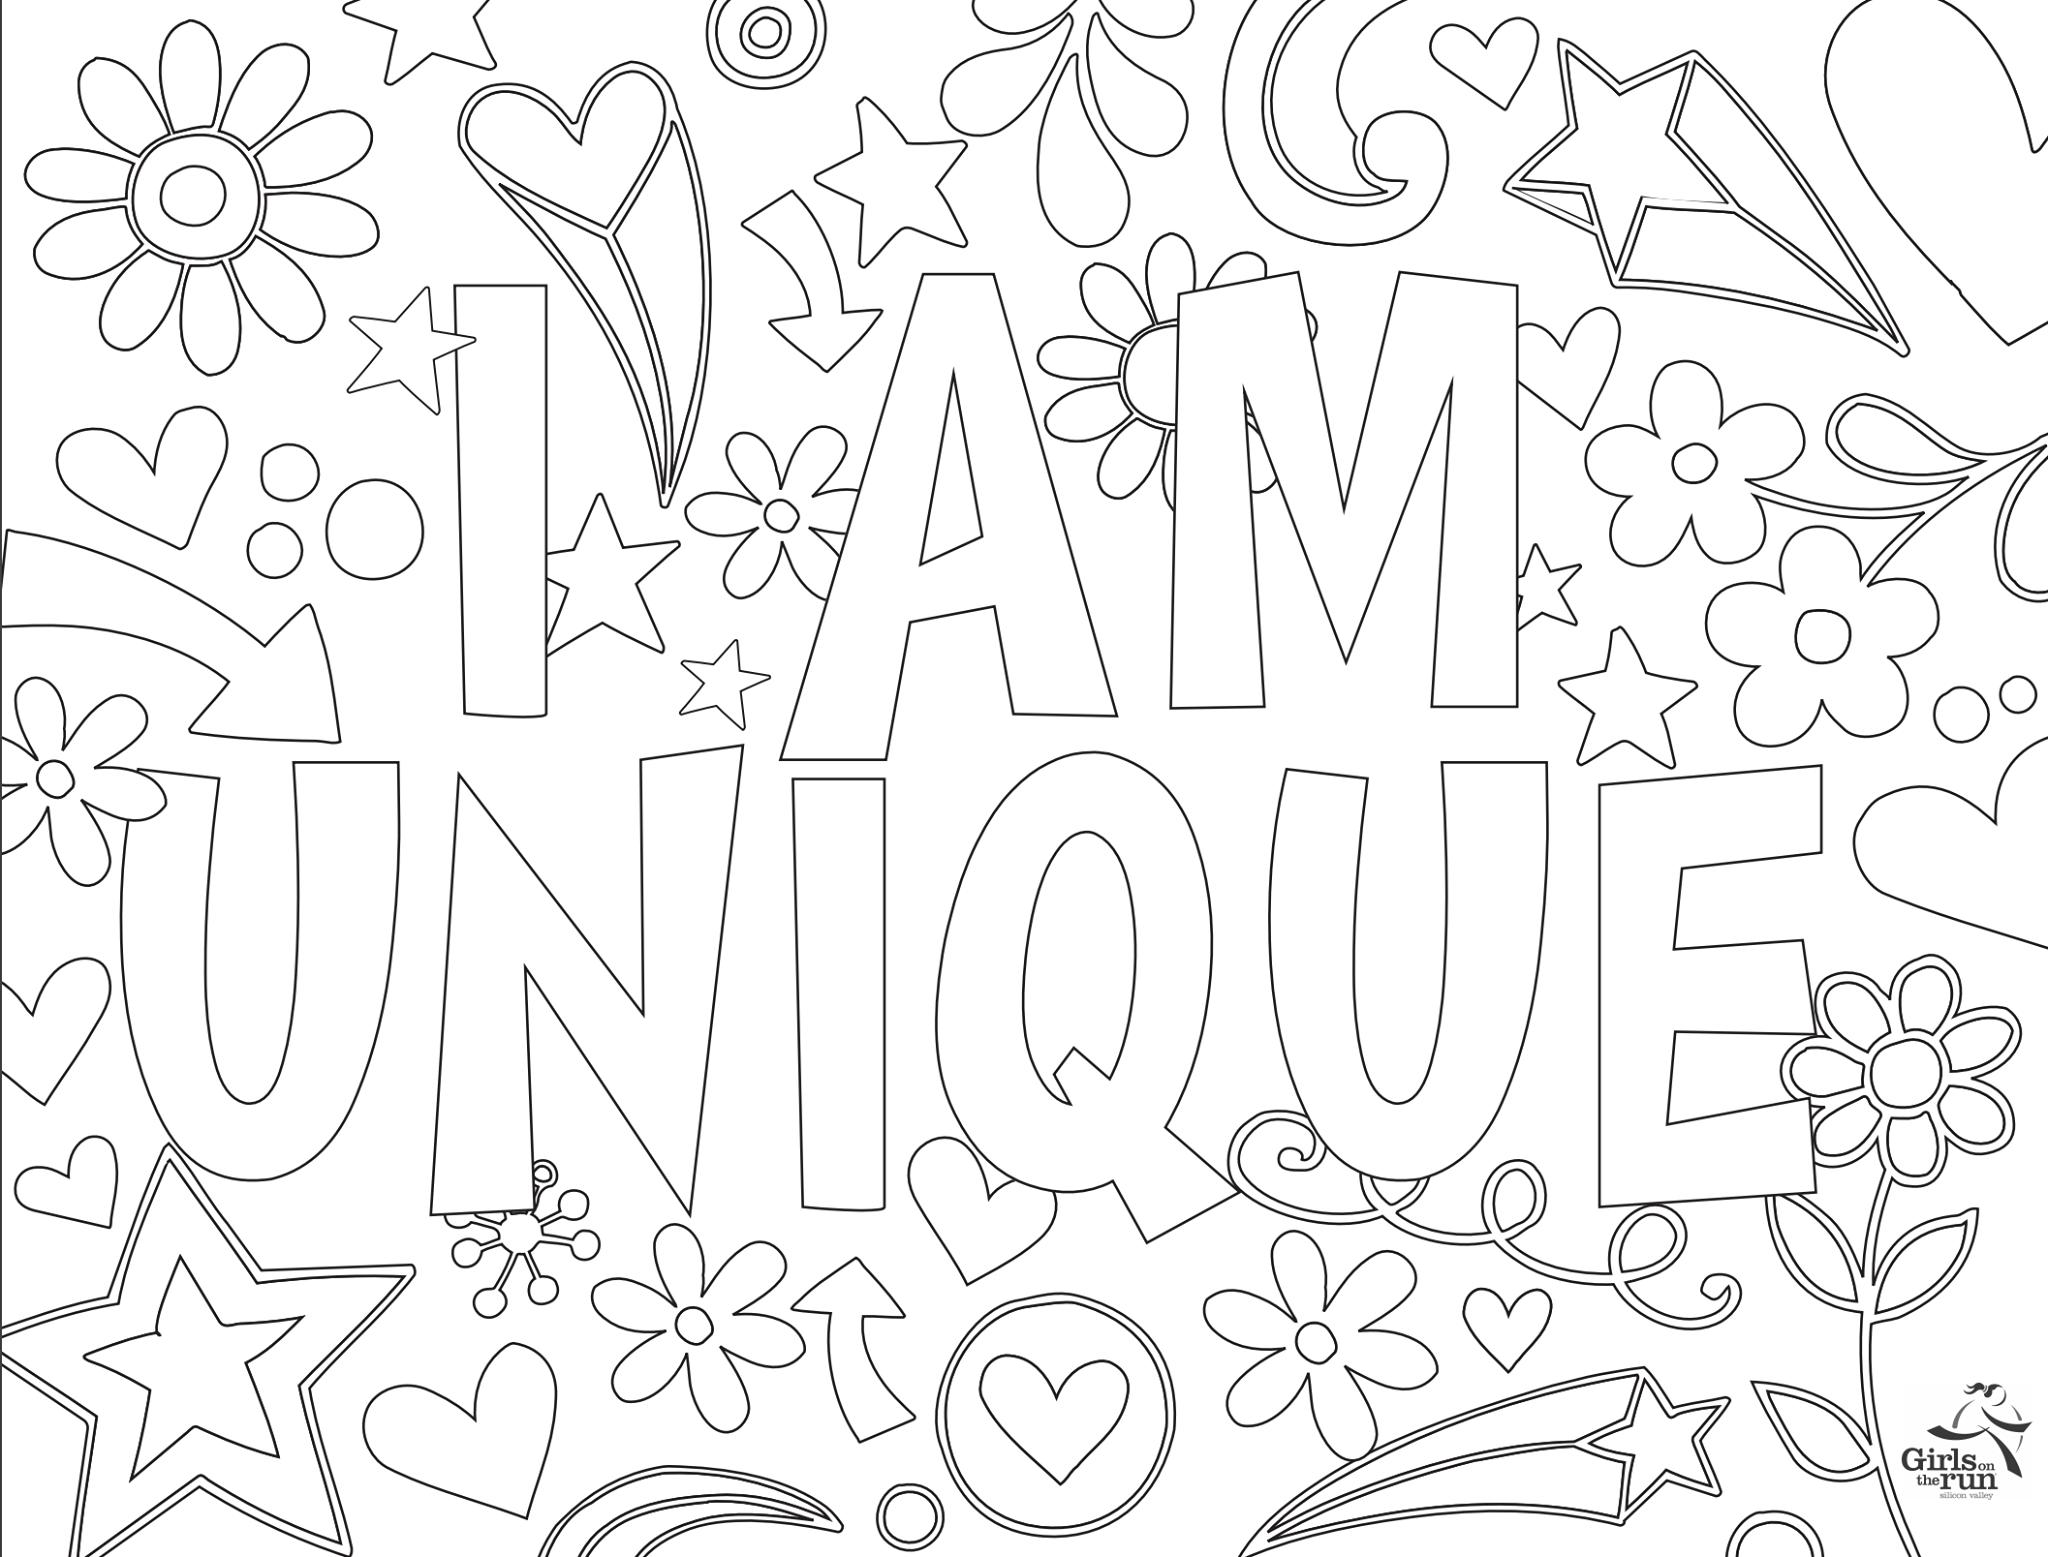 I Am Unique Coloring Page Unique Coloring Pages Coloring Pages I Am Unique